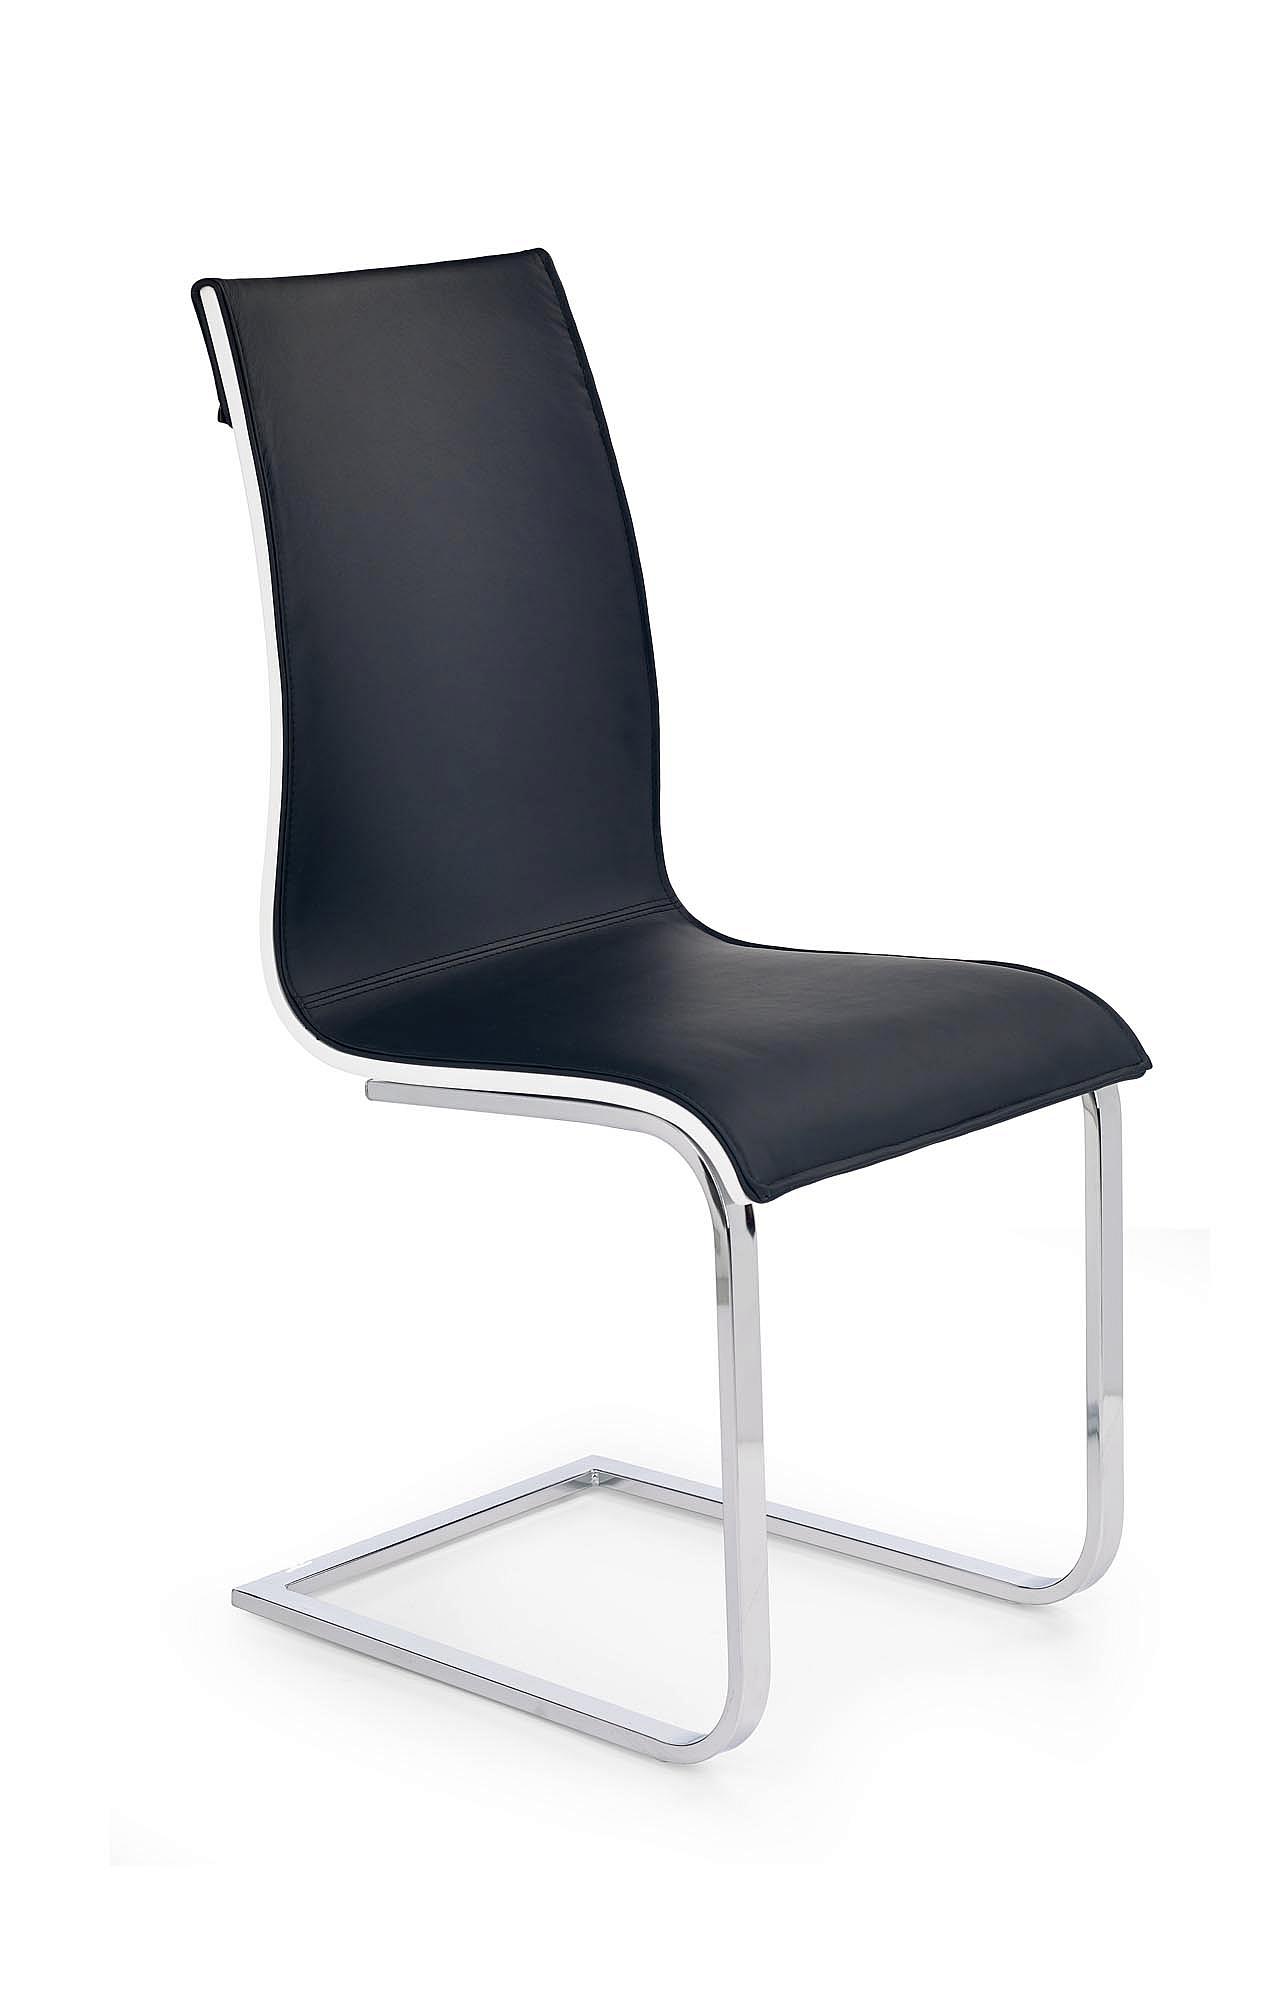 MATTEO czarny/biały krzesło (1p=2szt), PRESTIGE LINE